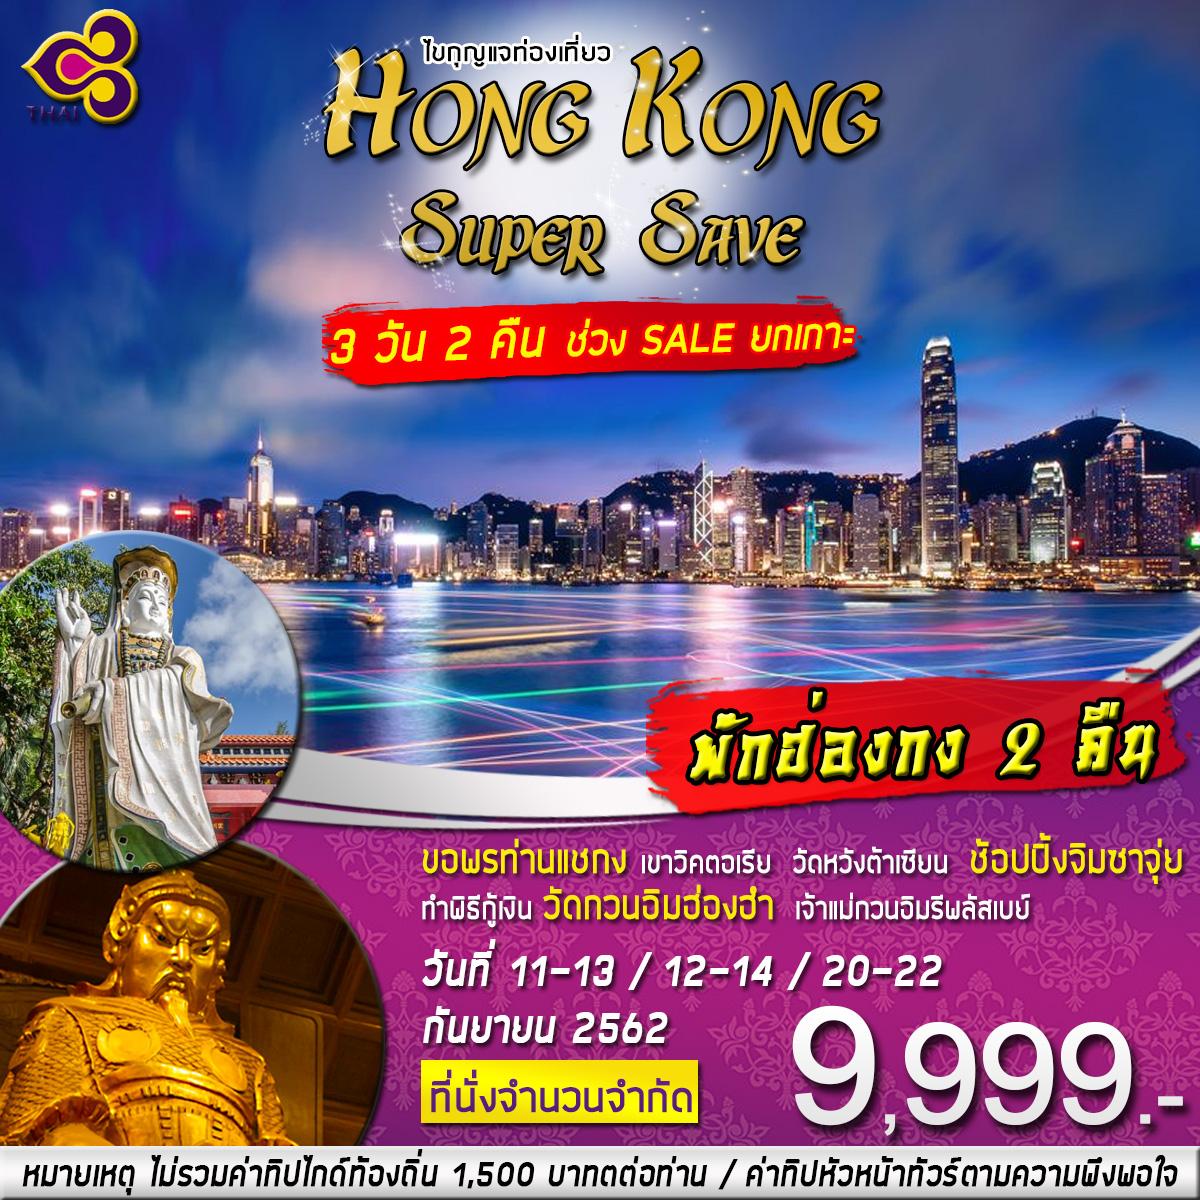 HONGKONG SUPER SAVE BY TG (SEP 19) 9,999